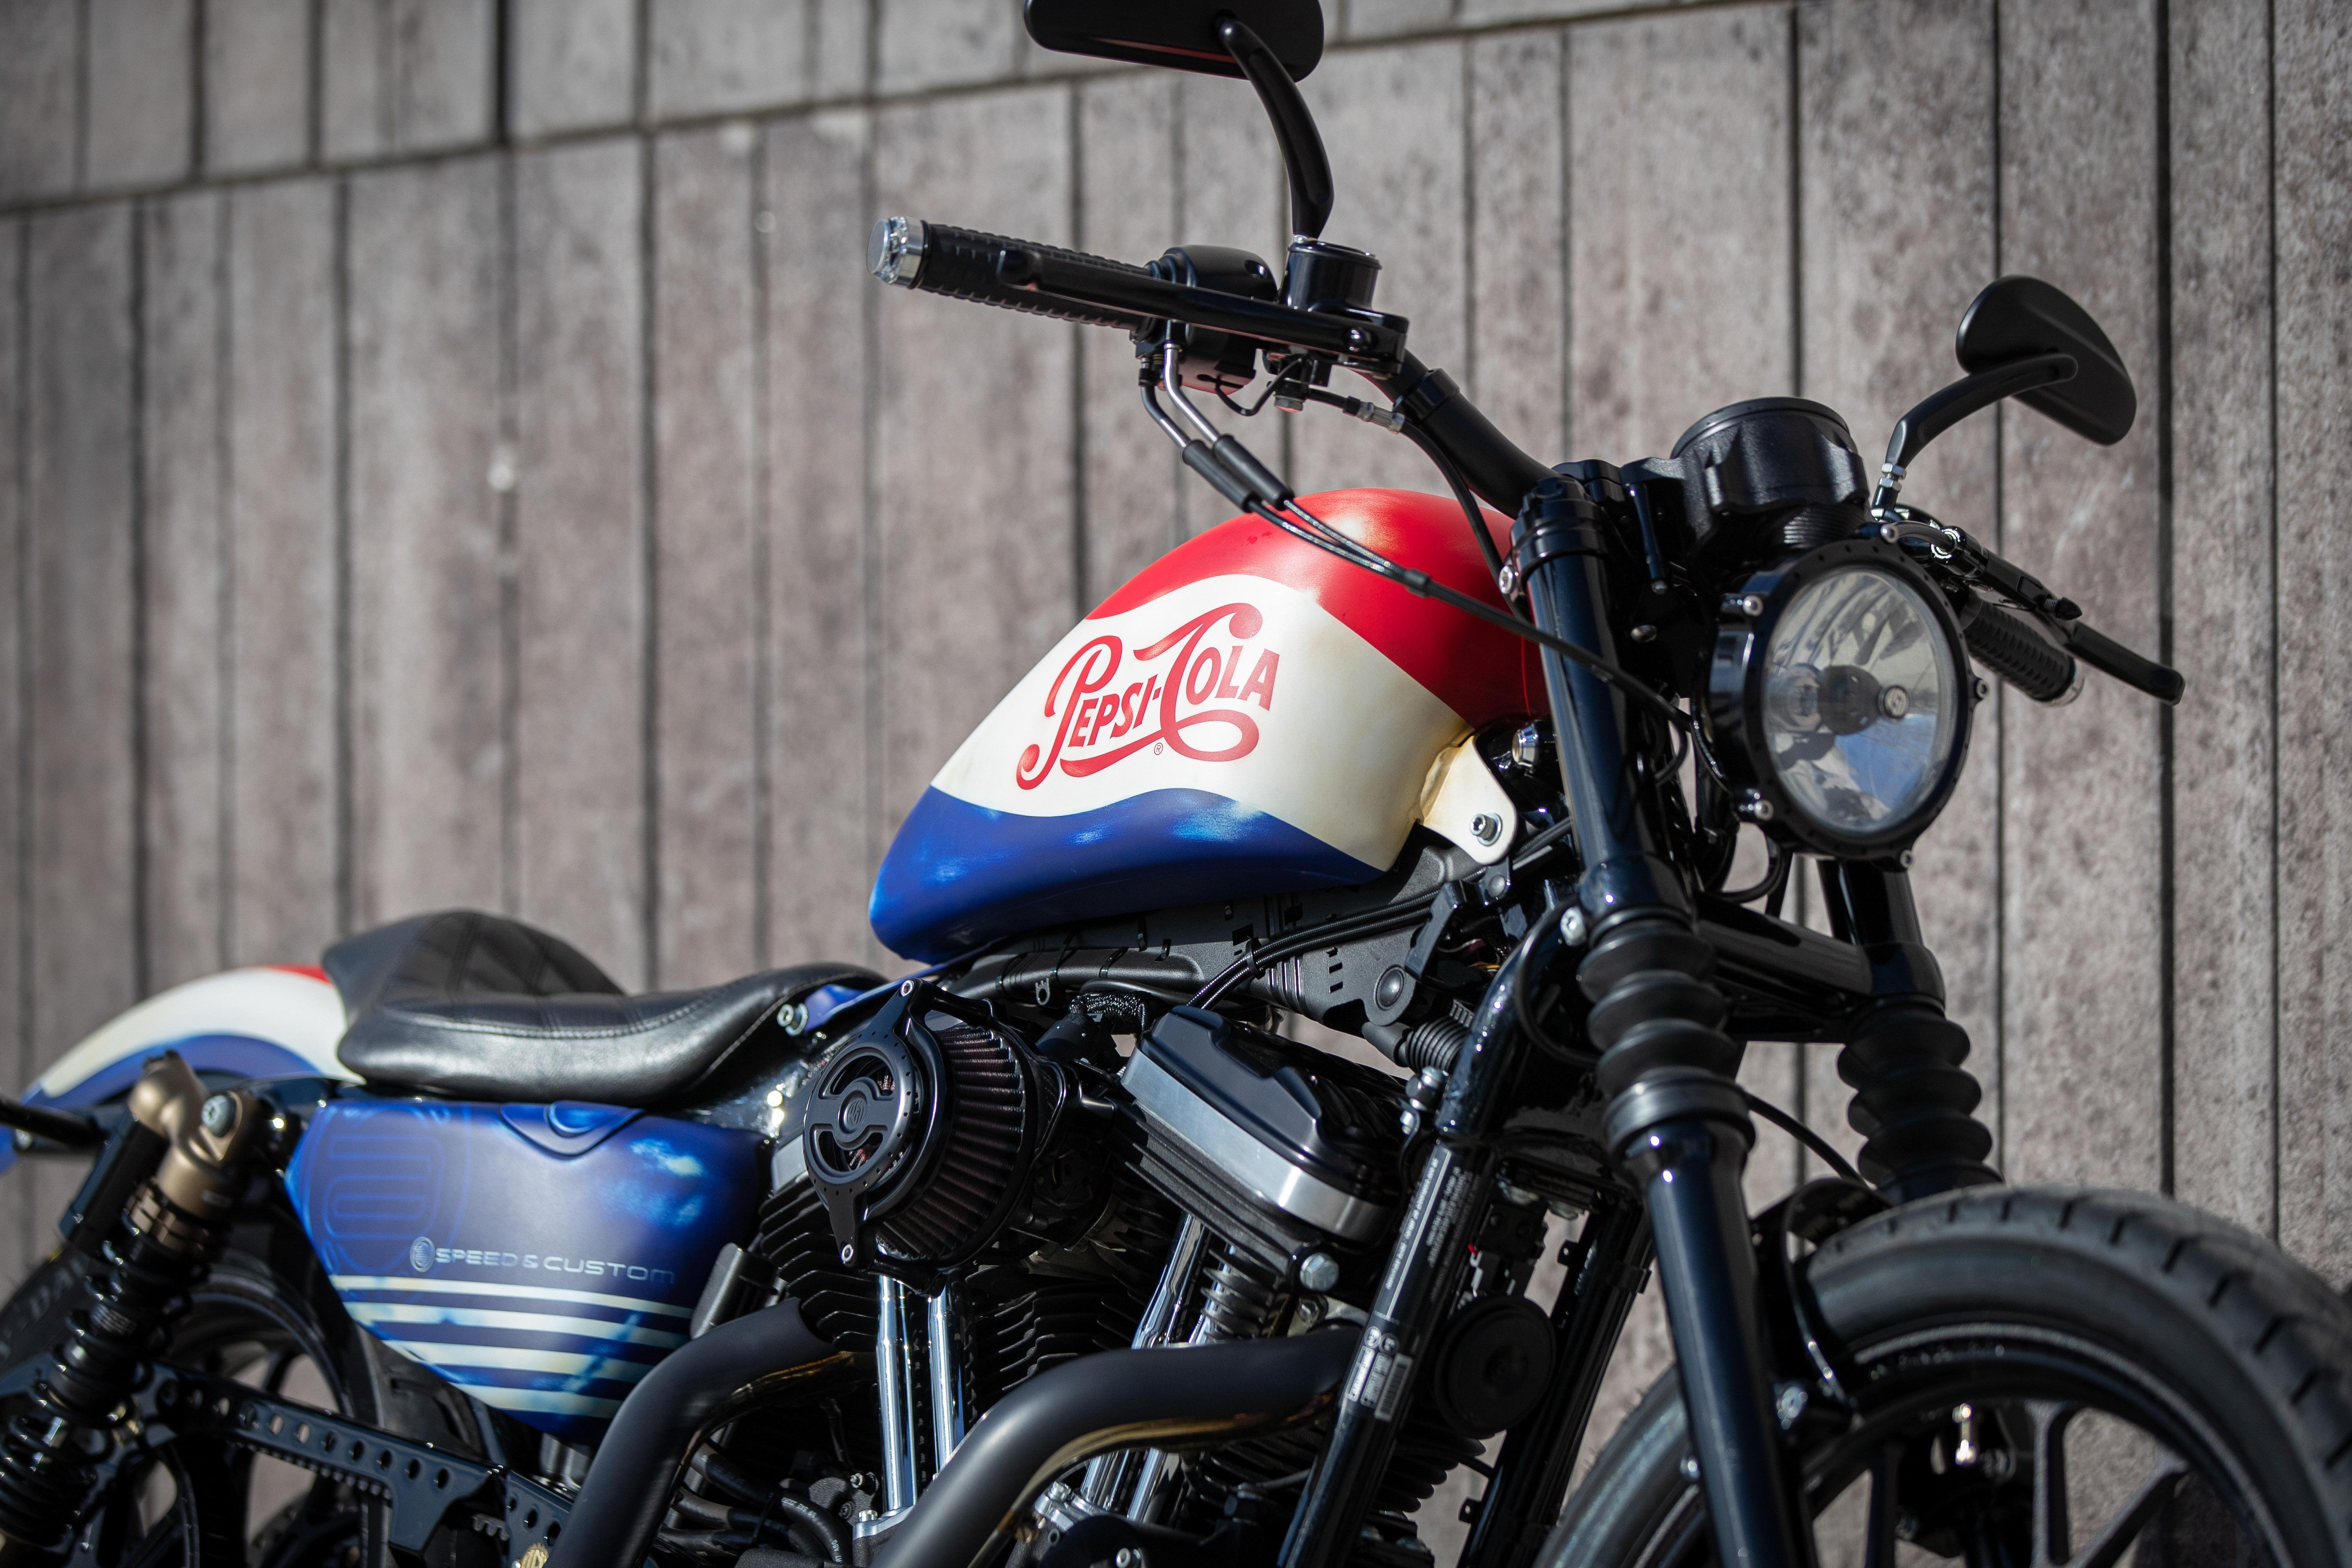 Ngam dan xe Harley-Davidson Sportster lot xac voi ban do Sykes hinh anh 17 2020_Harley_Davidson_Sportster_Custom_5177.jpg